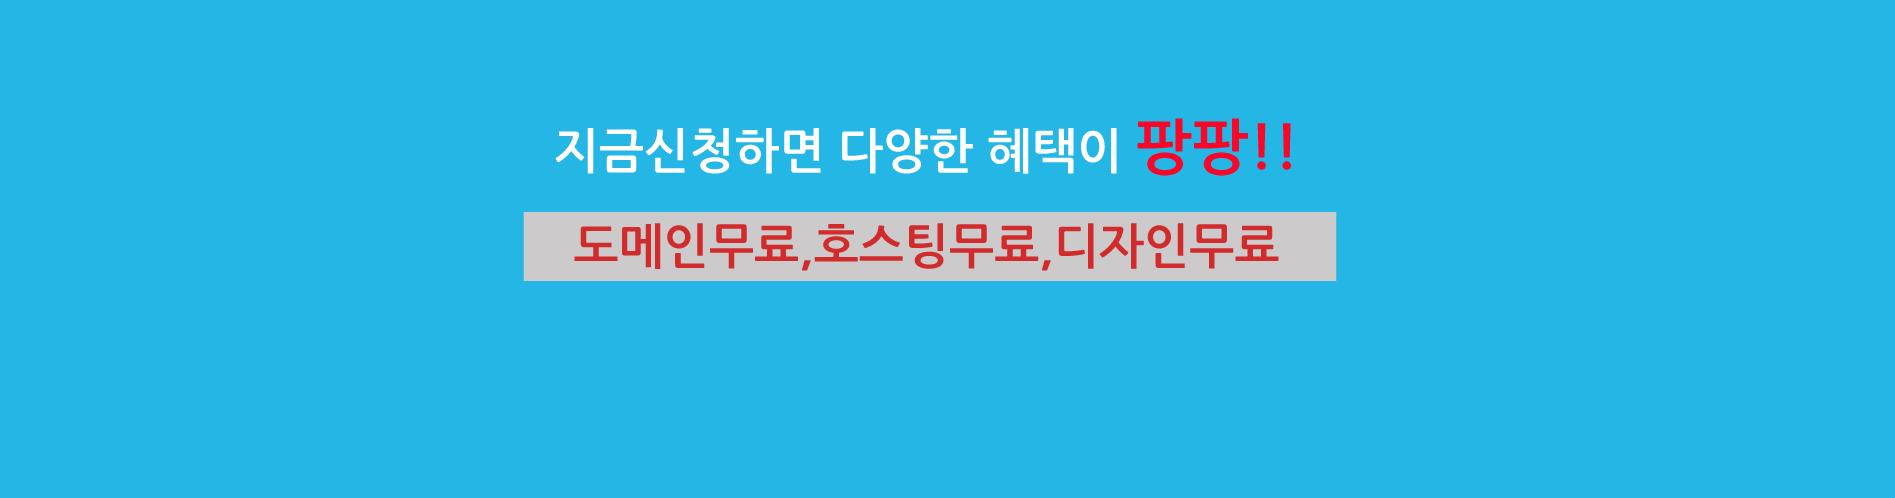 PC버전+모바일 버전까지 업계 최저가 선언!! 2019.09.30까지